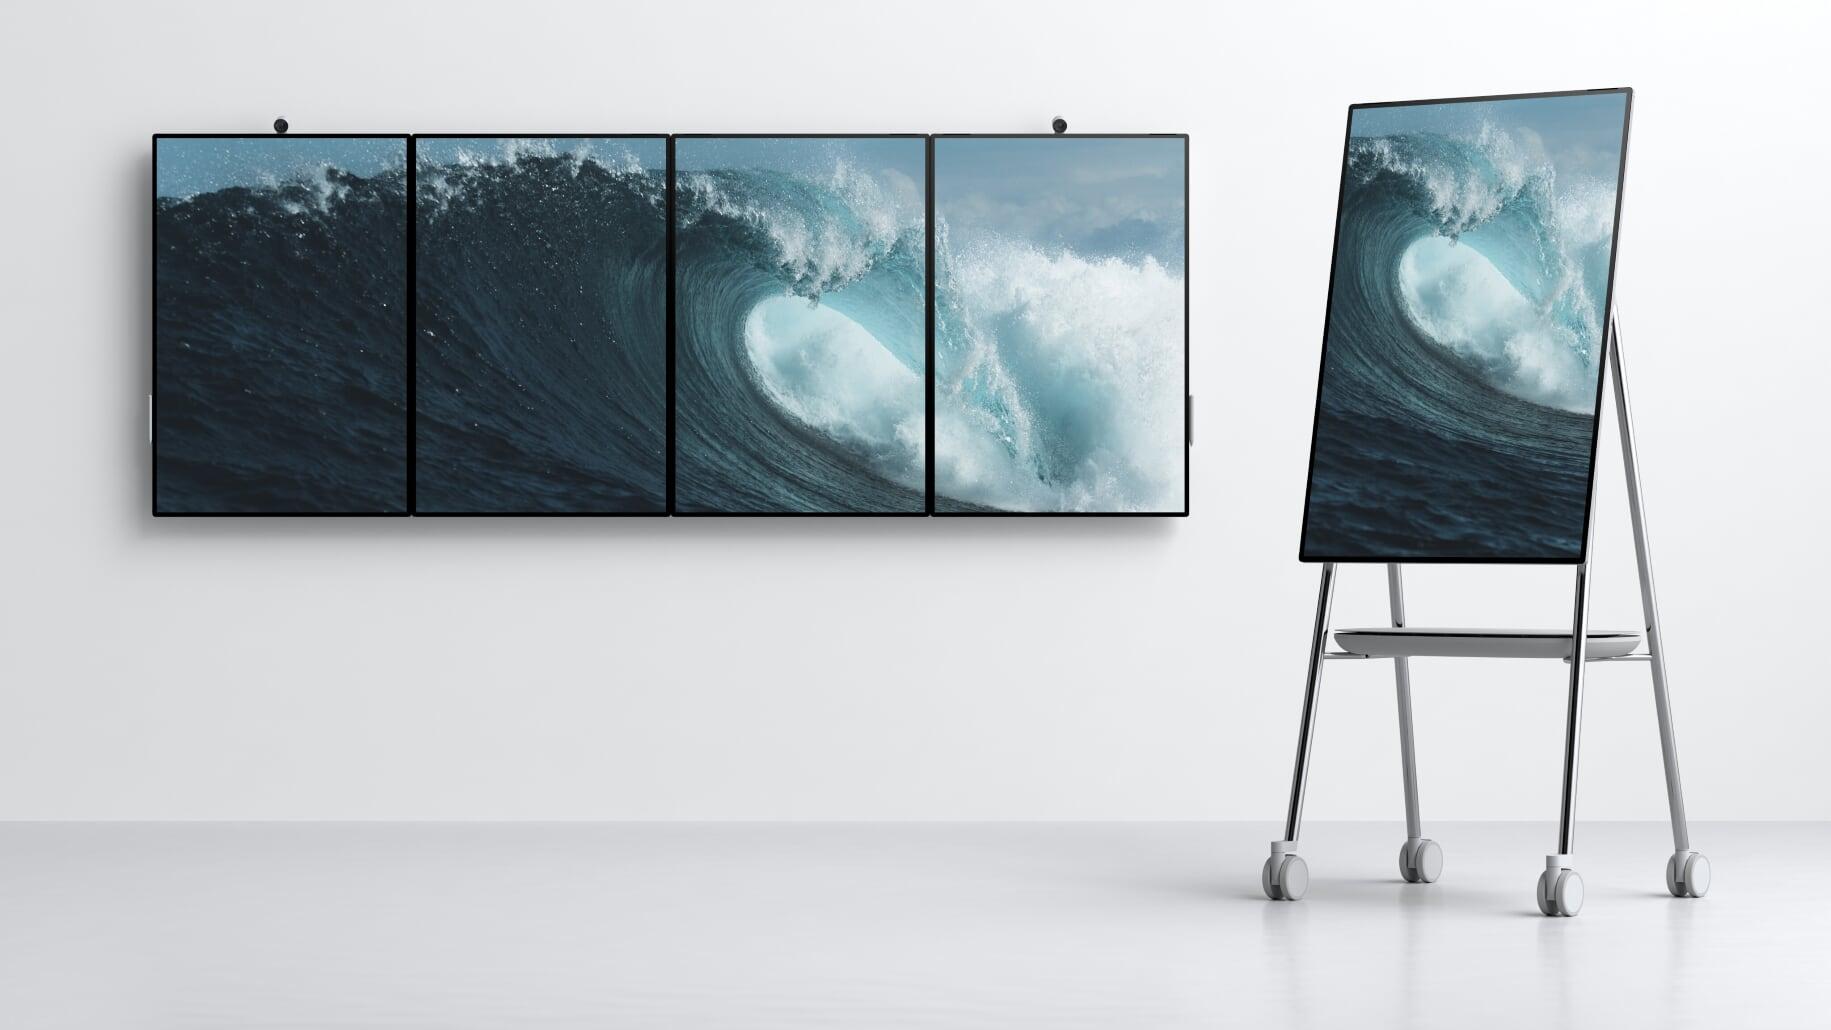 abtis bietet Testdrive für Surface Hub 2S